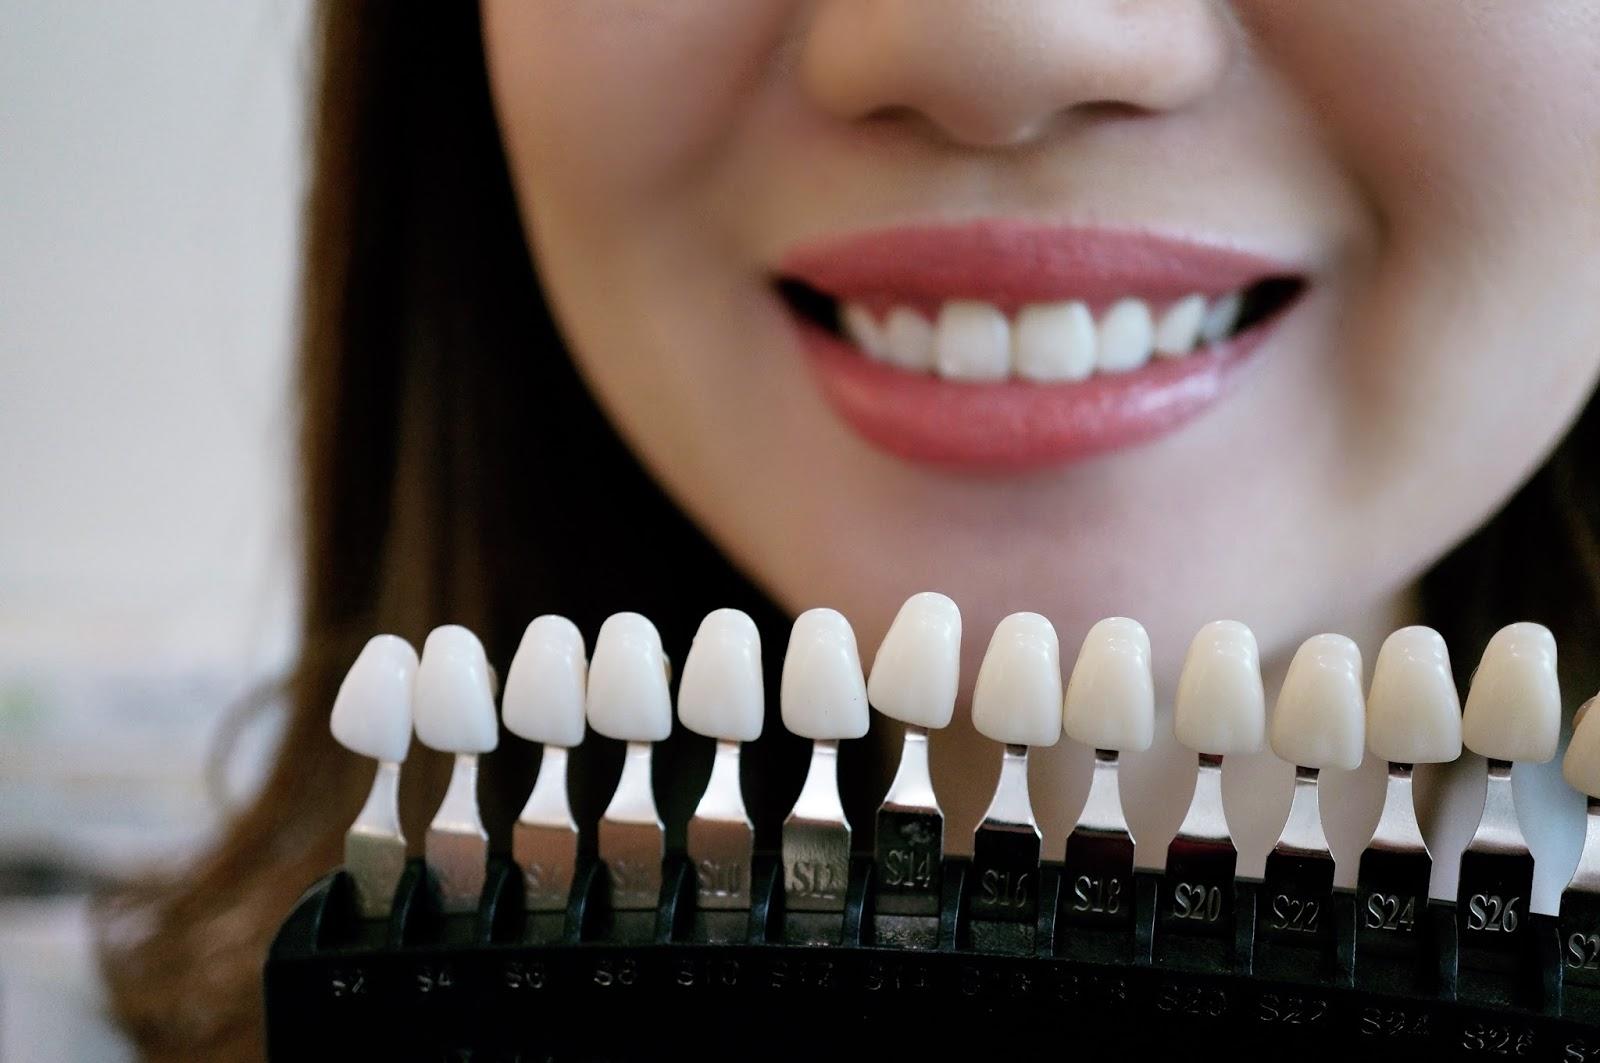 Theresa Beauty Led Teeth Whitening Review I Love Bunny